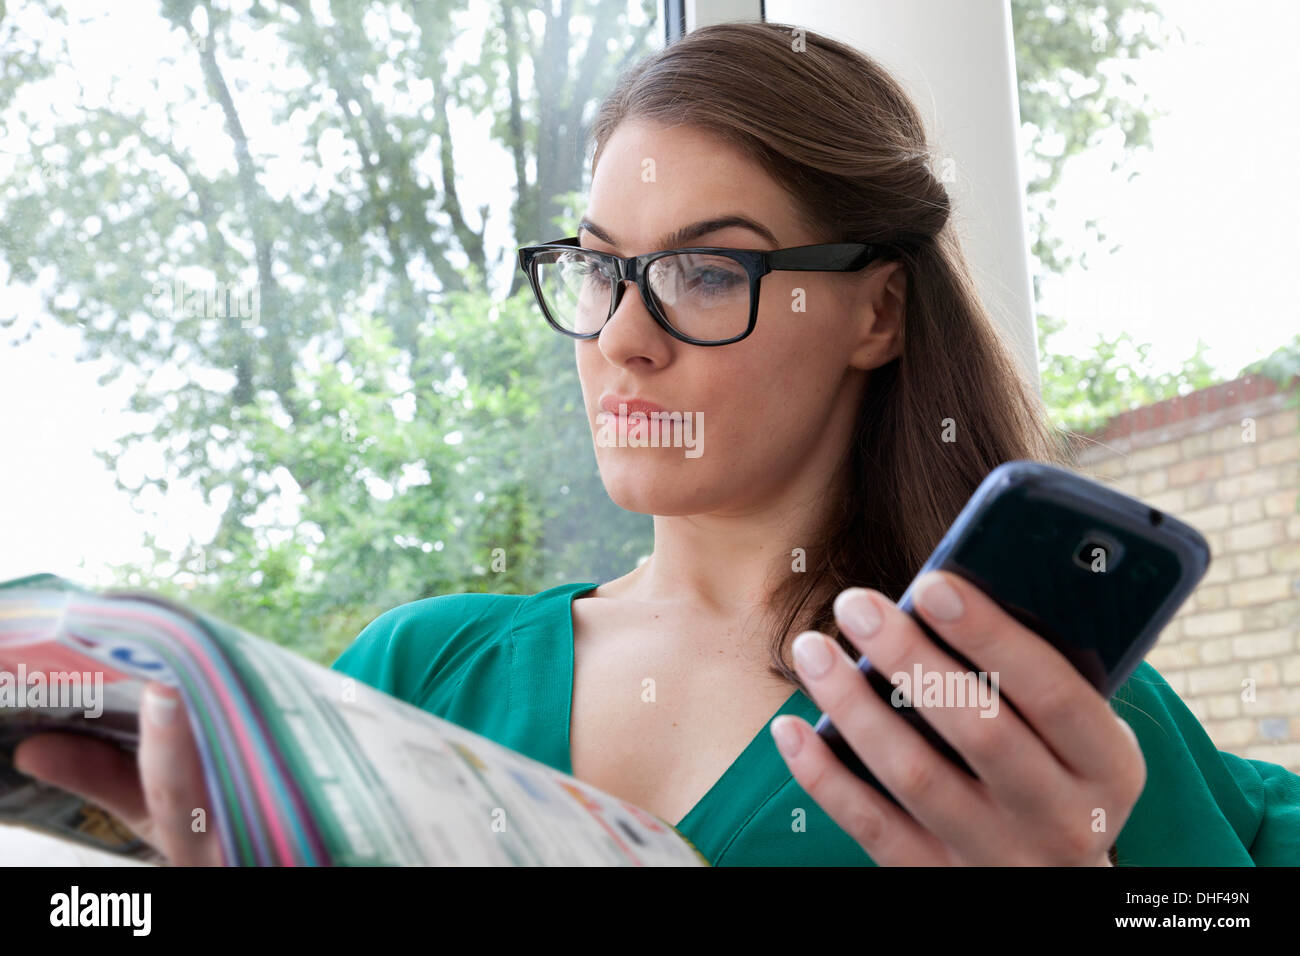 Women Wearing Reading Glasses Stockfotos und  bilder Kaufen   Alamy